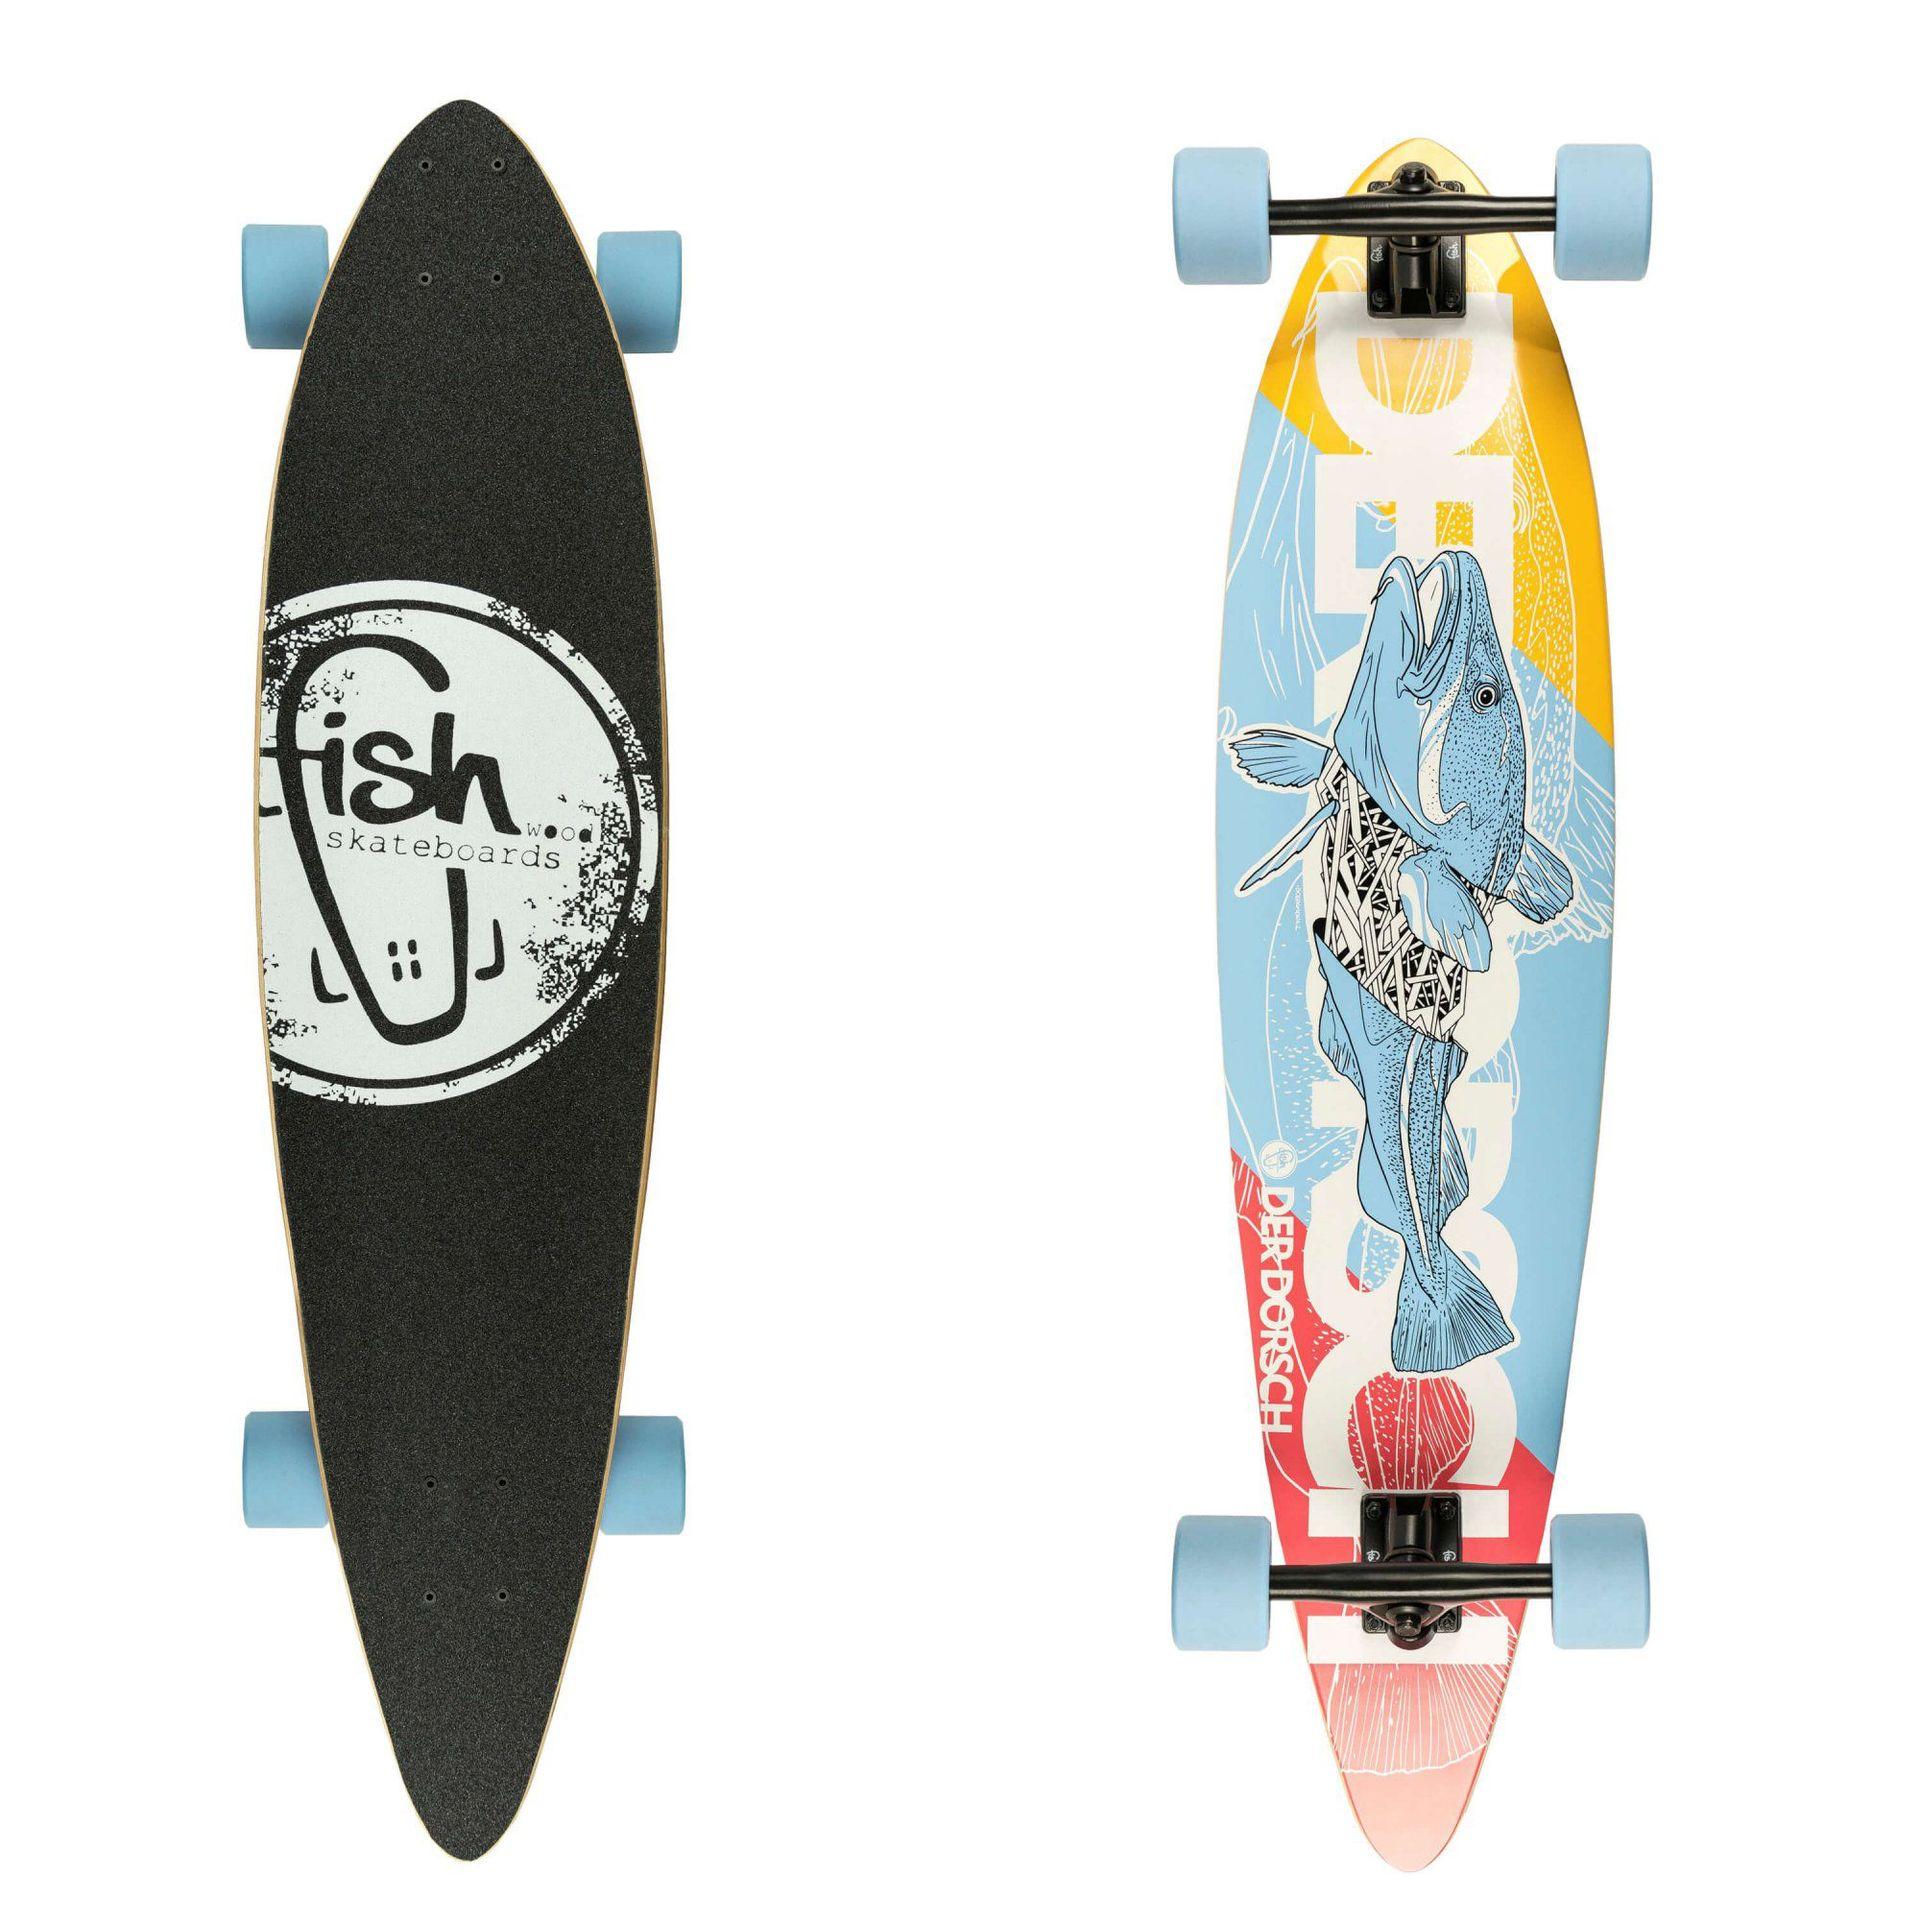 LONGBOARD FISH SKATEBOARDS LONGBOARD 40 DERDORSCH|BLACK|SUMMER BLUE 1